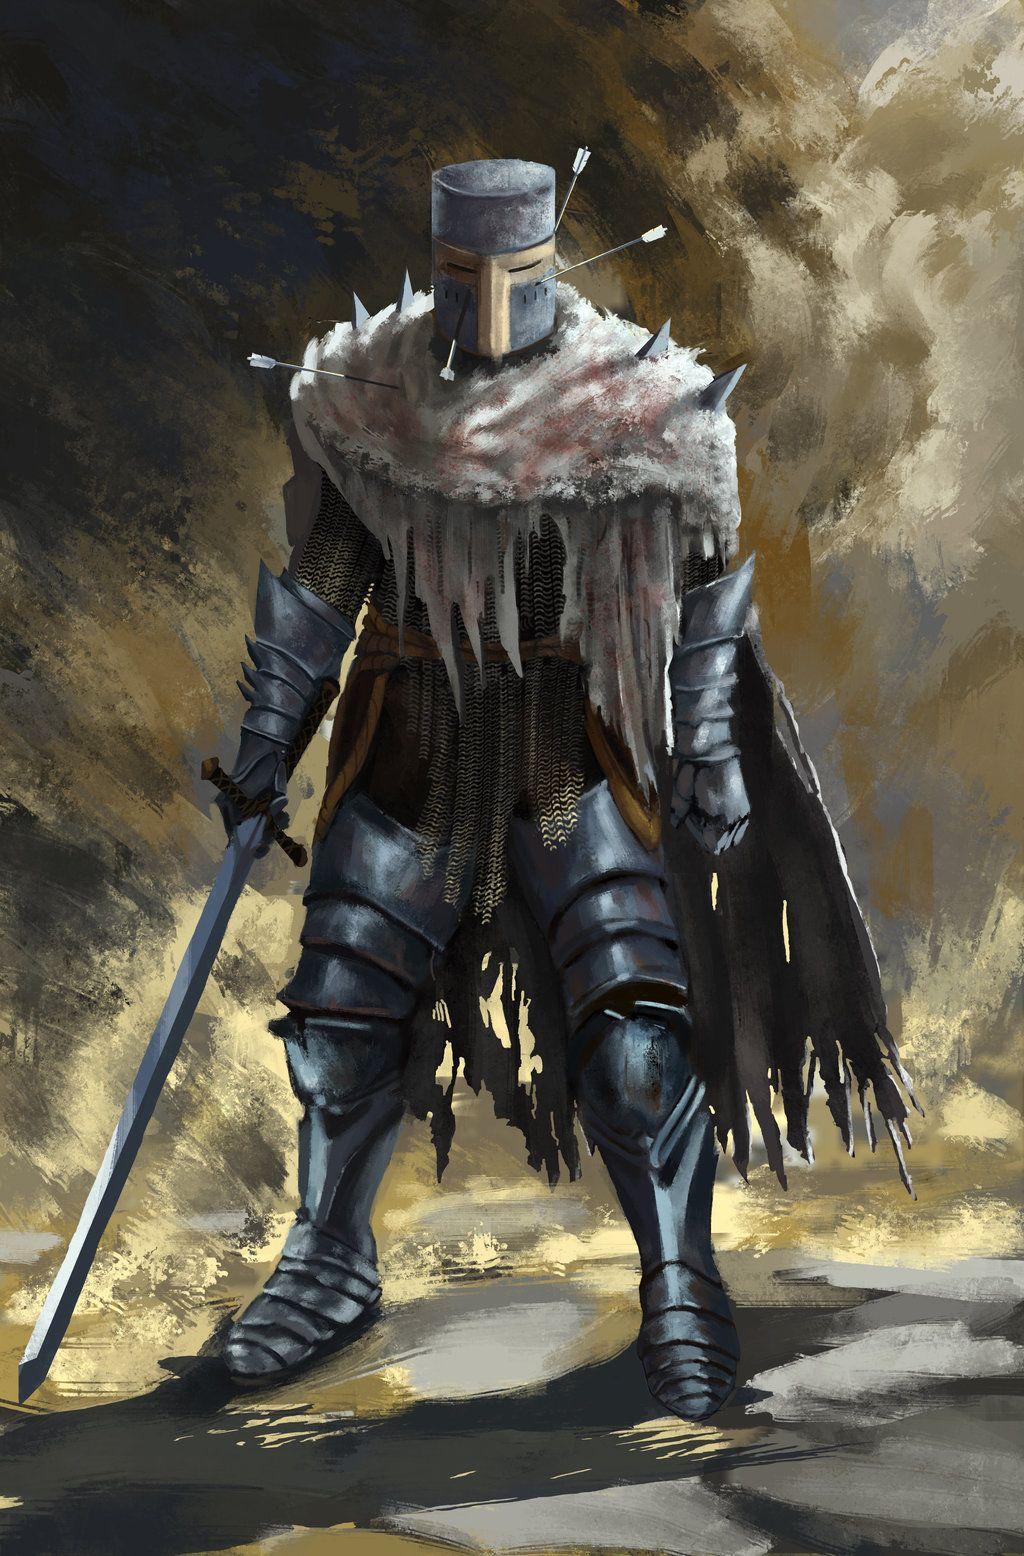 Heide knight (Dark souls fan art) by ProtagonistSe7en